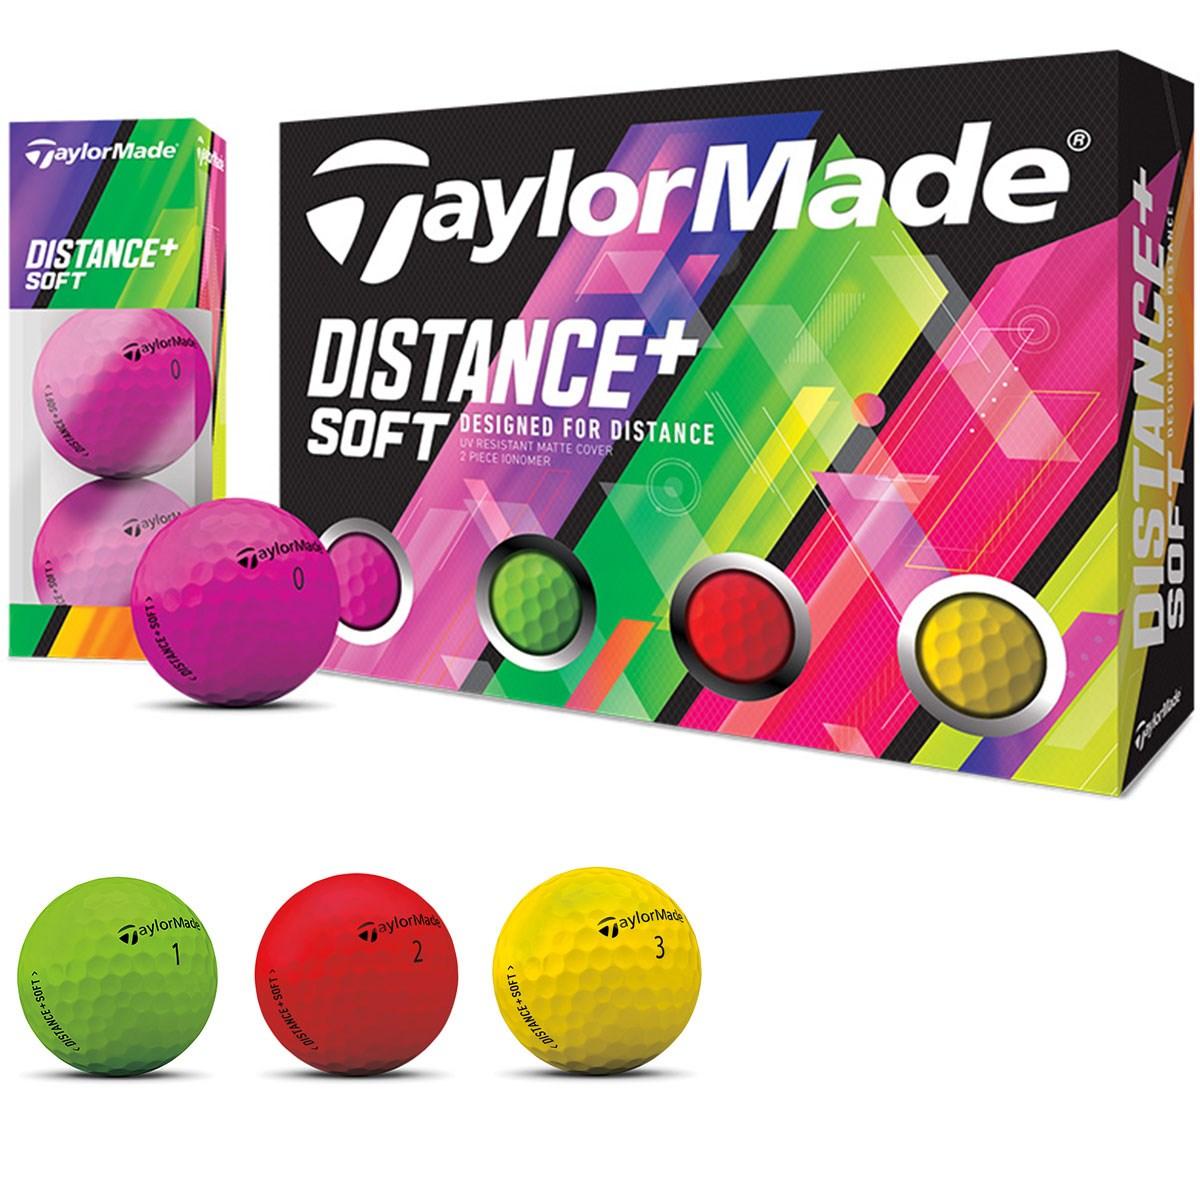 テーラーメイド DISTANCE+ Distance+ ソフト マルチカラーボール 5ダースセット 5ダース(60個入り) マルチ